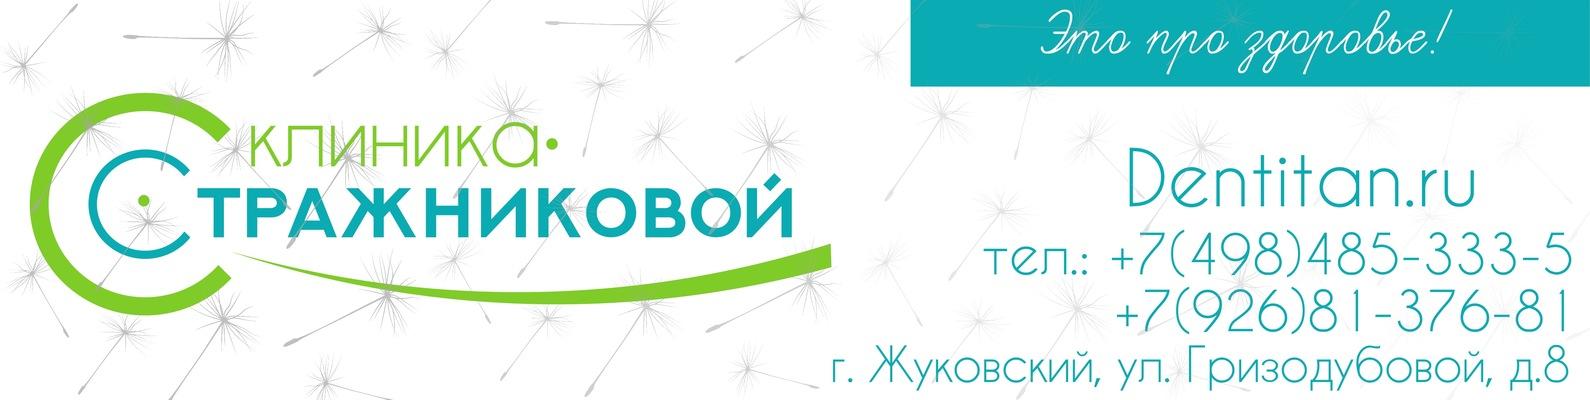 Пройти медицинскую книжку в Жуковске